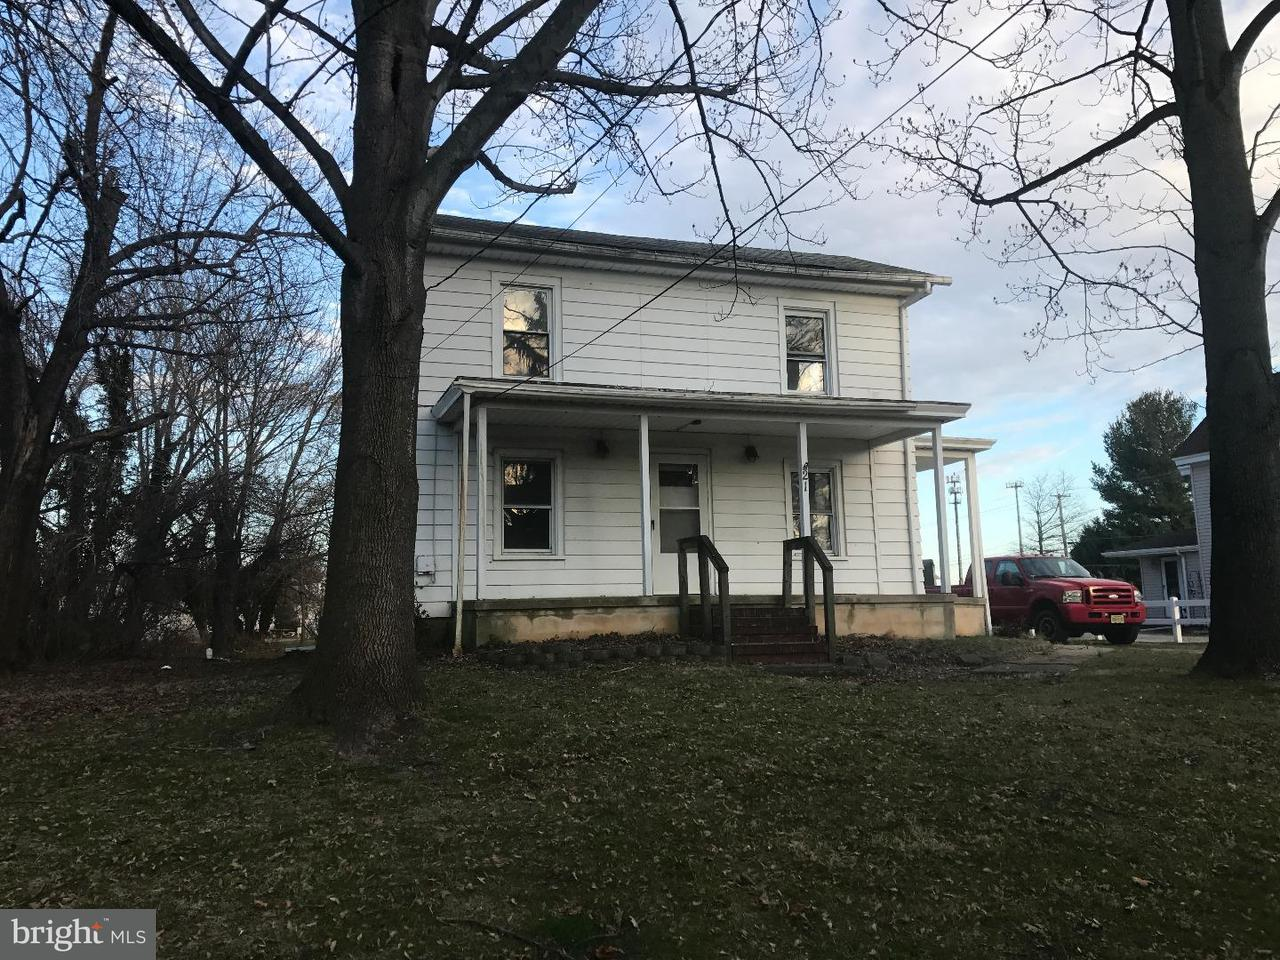 独户住宅 为 销售 在 21 SOUTH Avenue Shiloh, 新泽西州 08353 美国